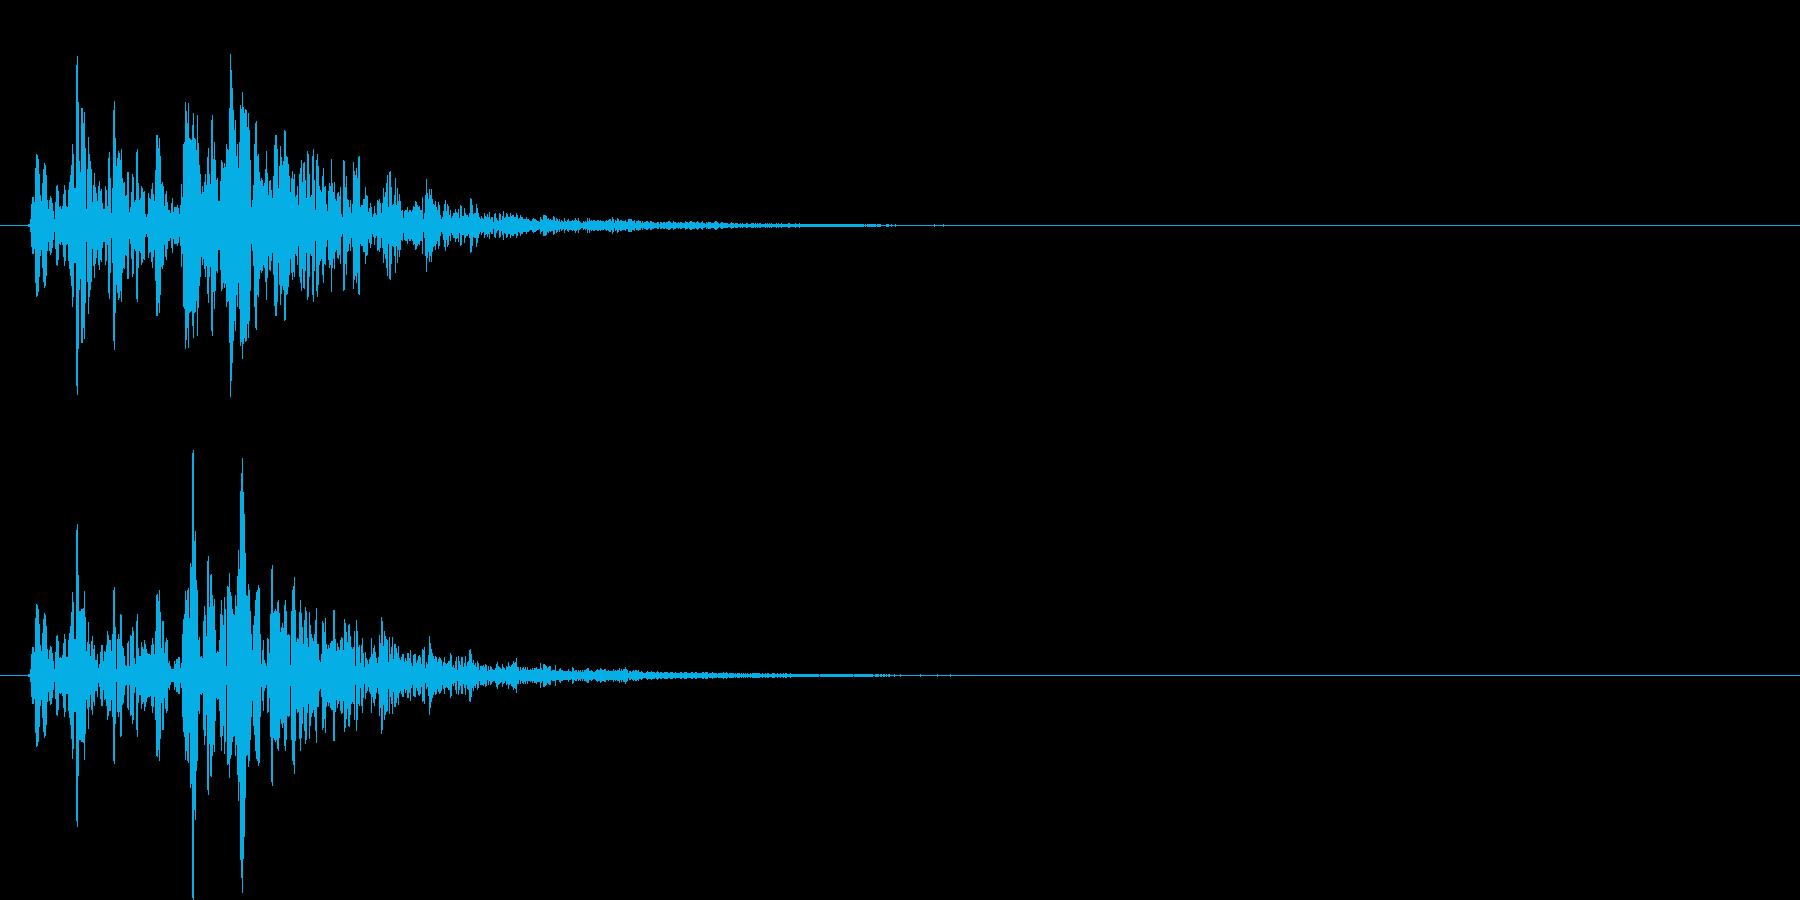 モコモコした音(ぼよよよ)の再生済みの波形